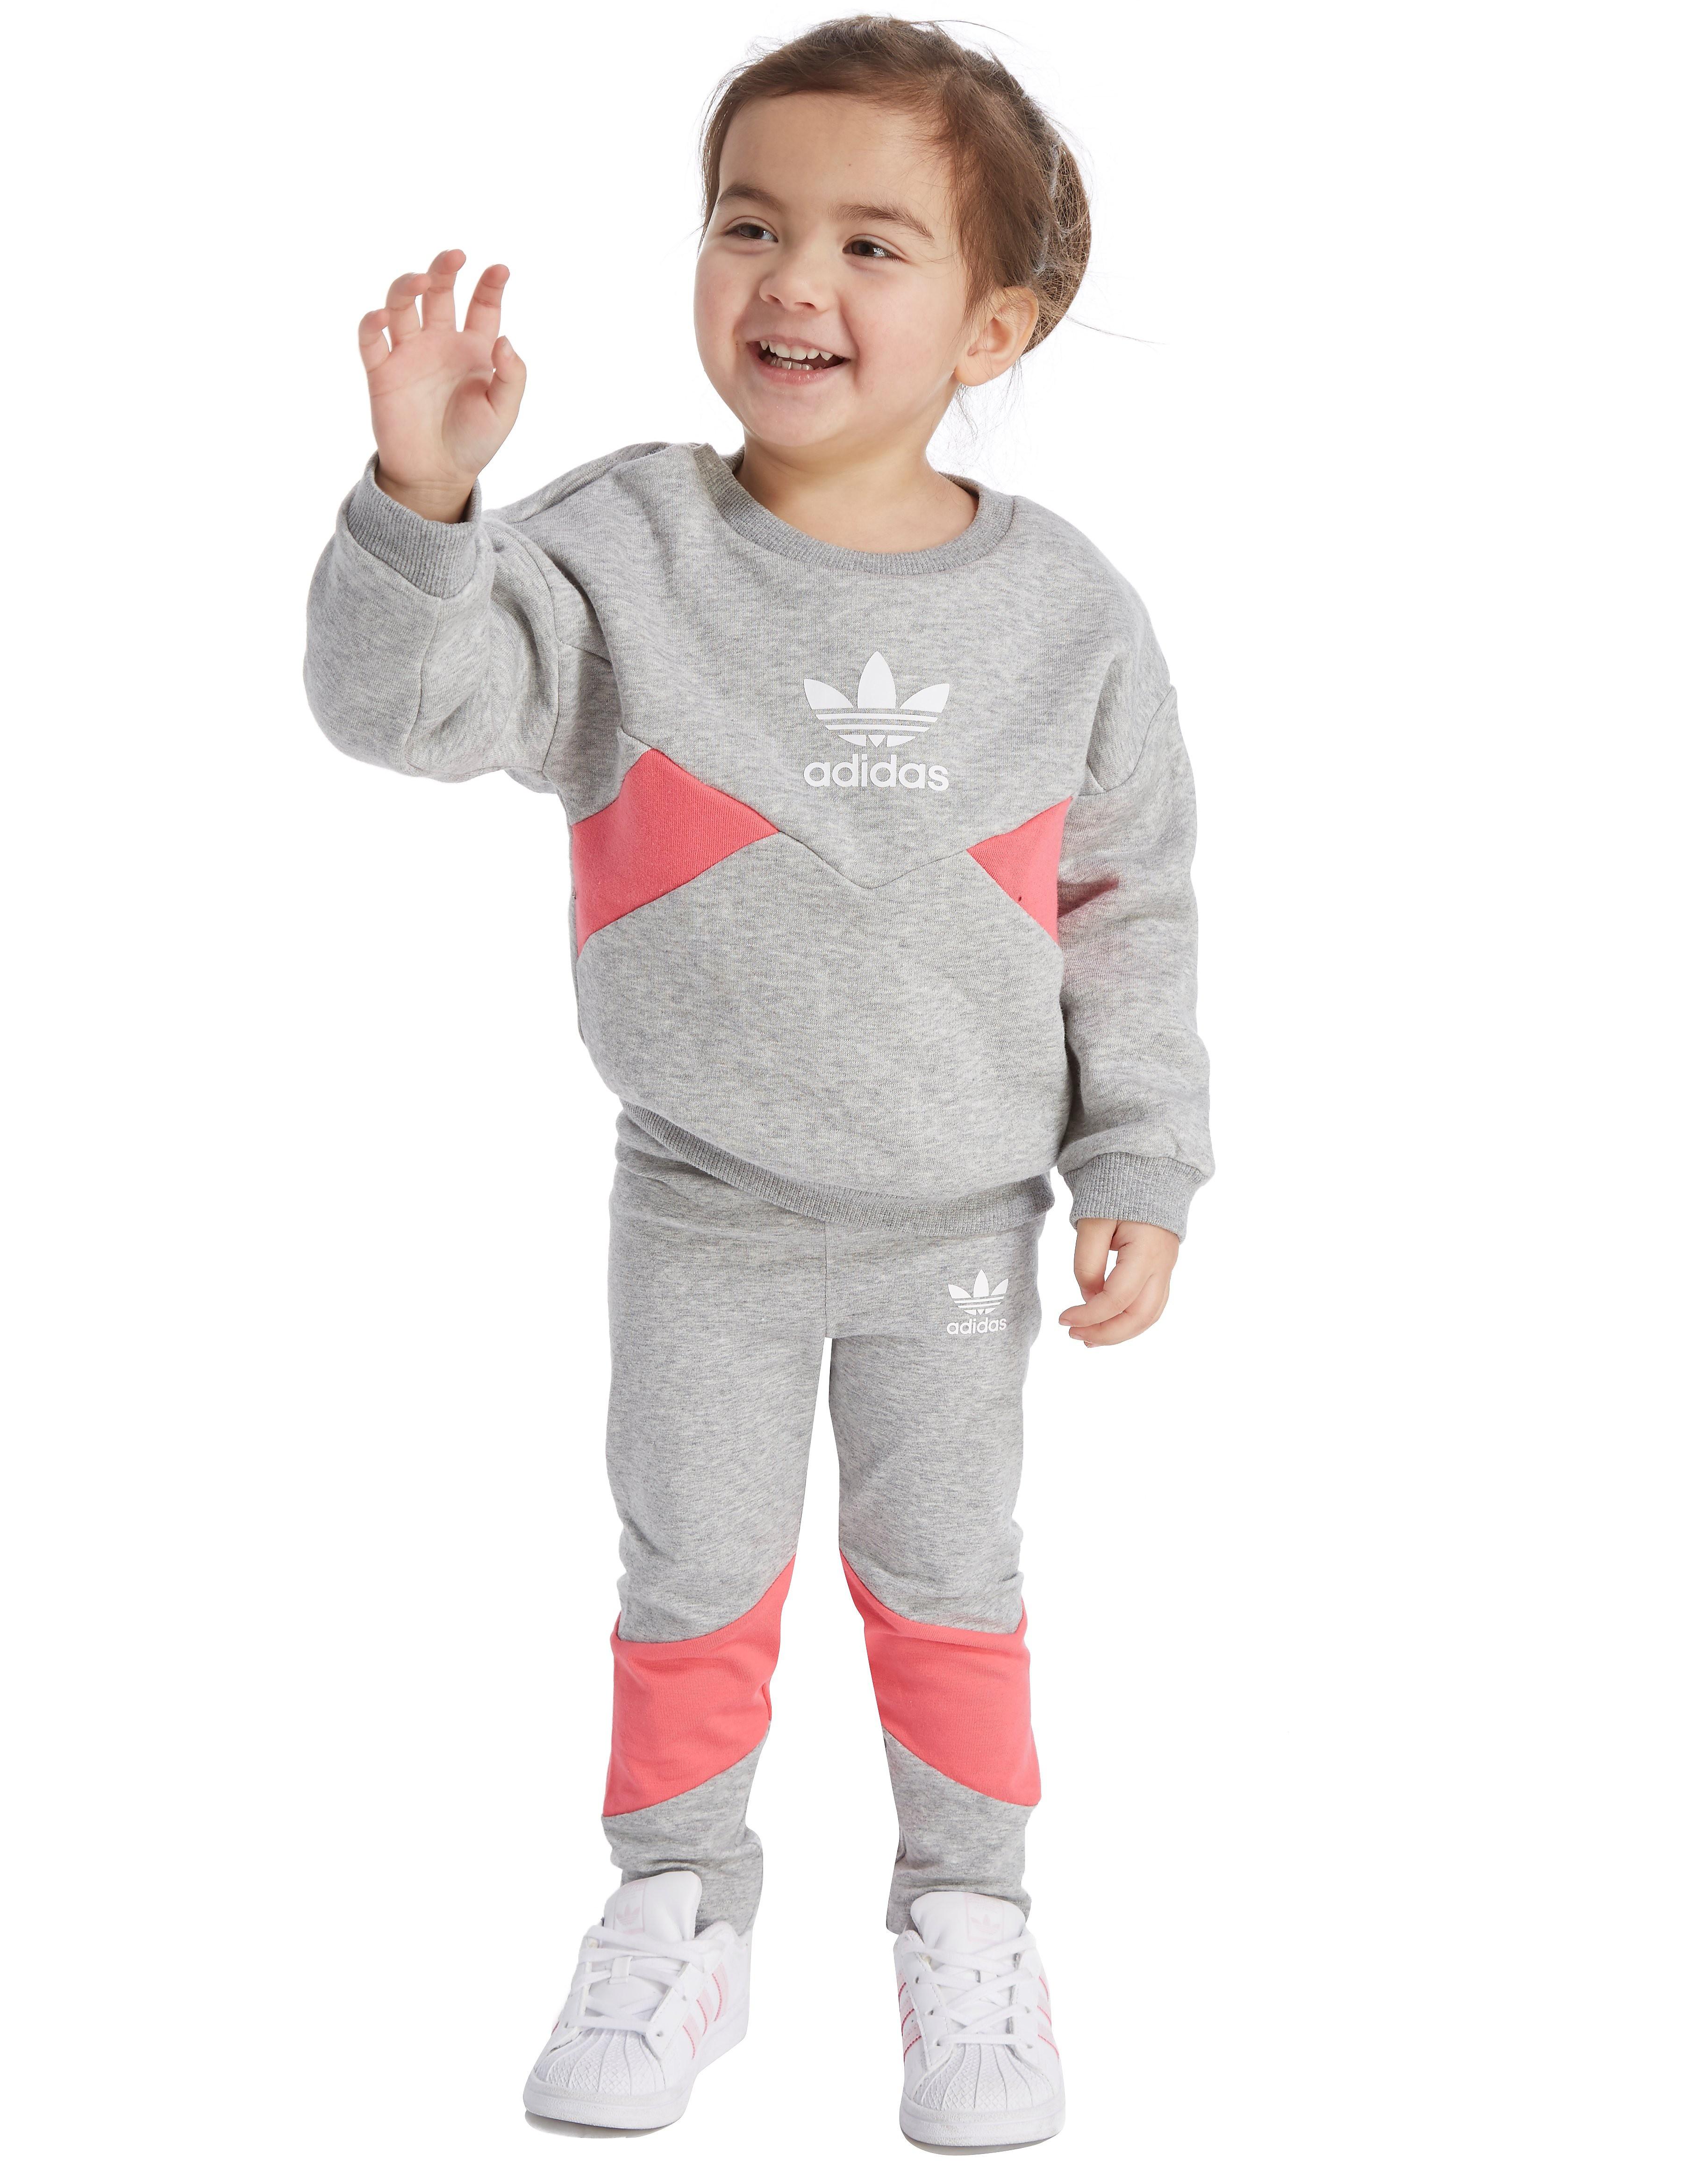 adidas Originals Girls' Crew/Leggings Set Infant